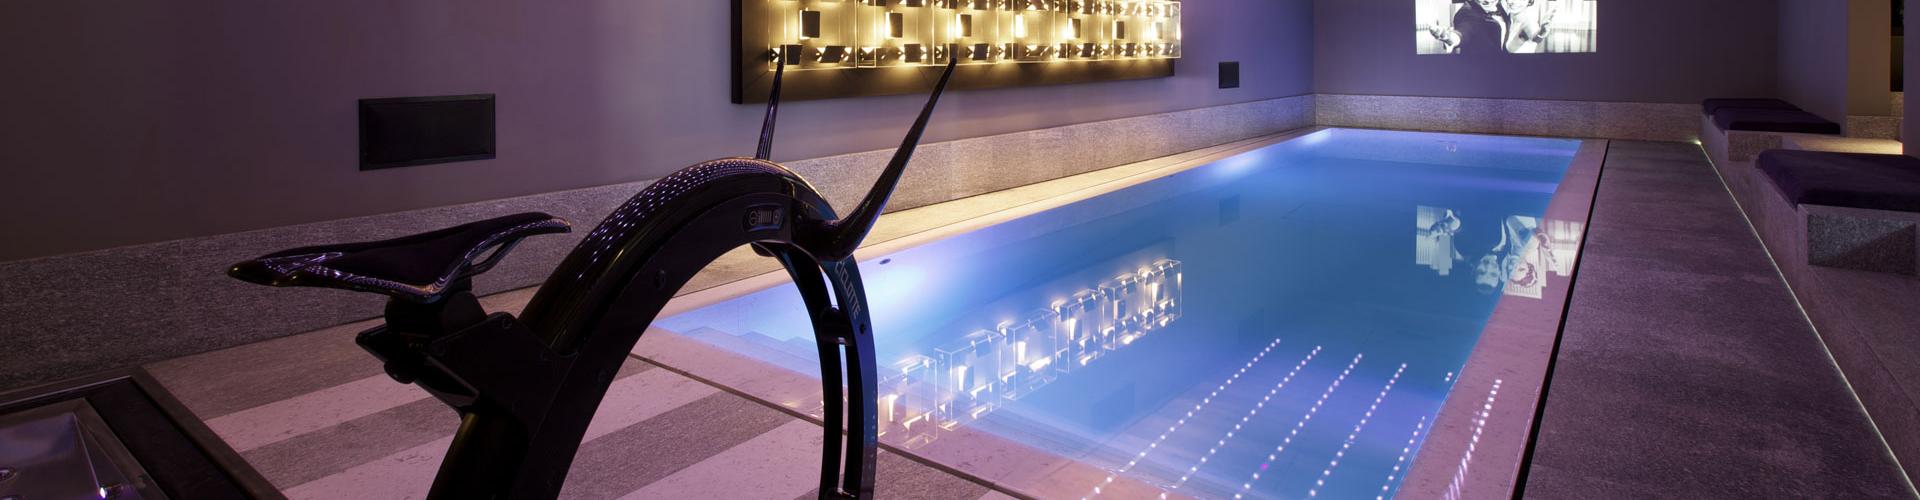 Constructeur de piscine int rieure centerspas for Piscine miroir fond mobile